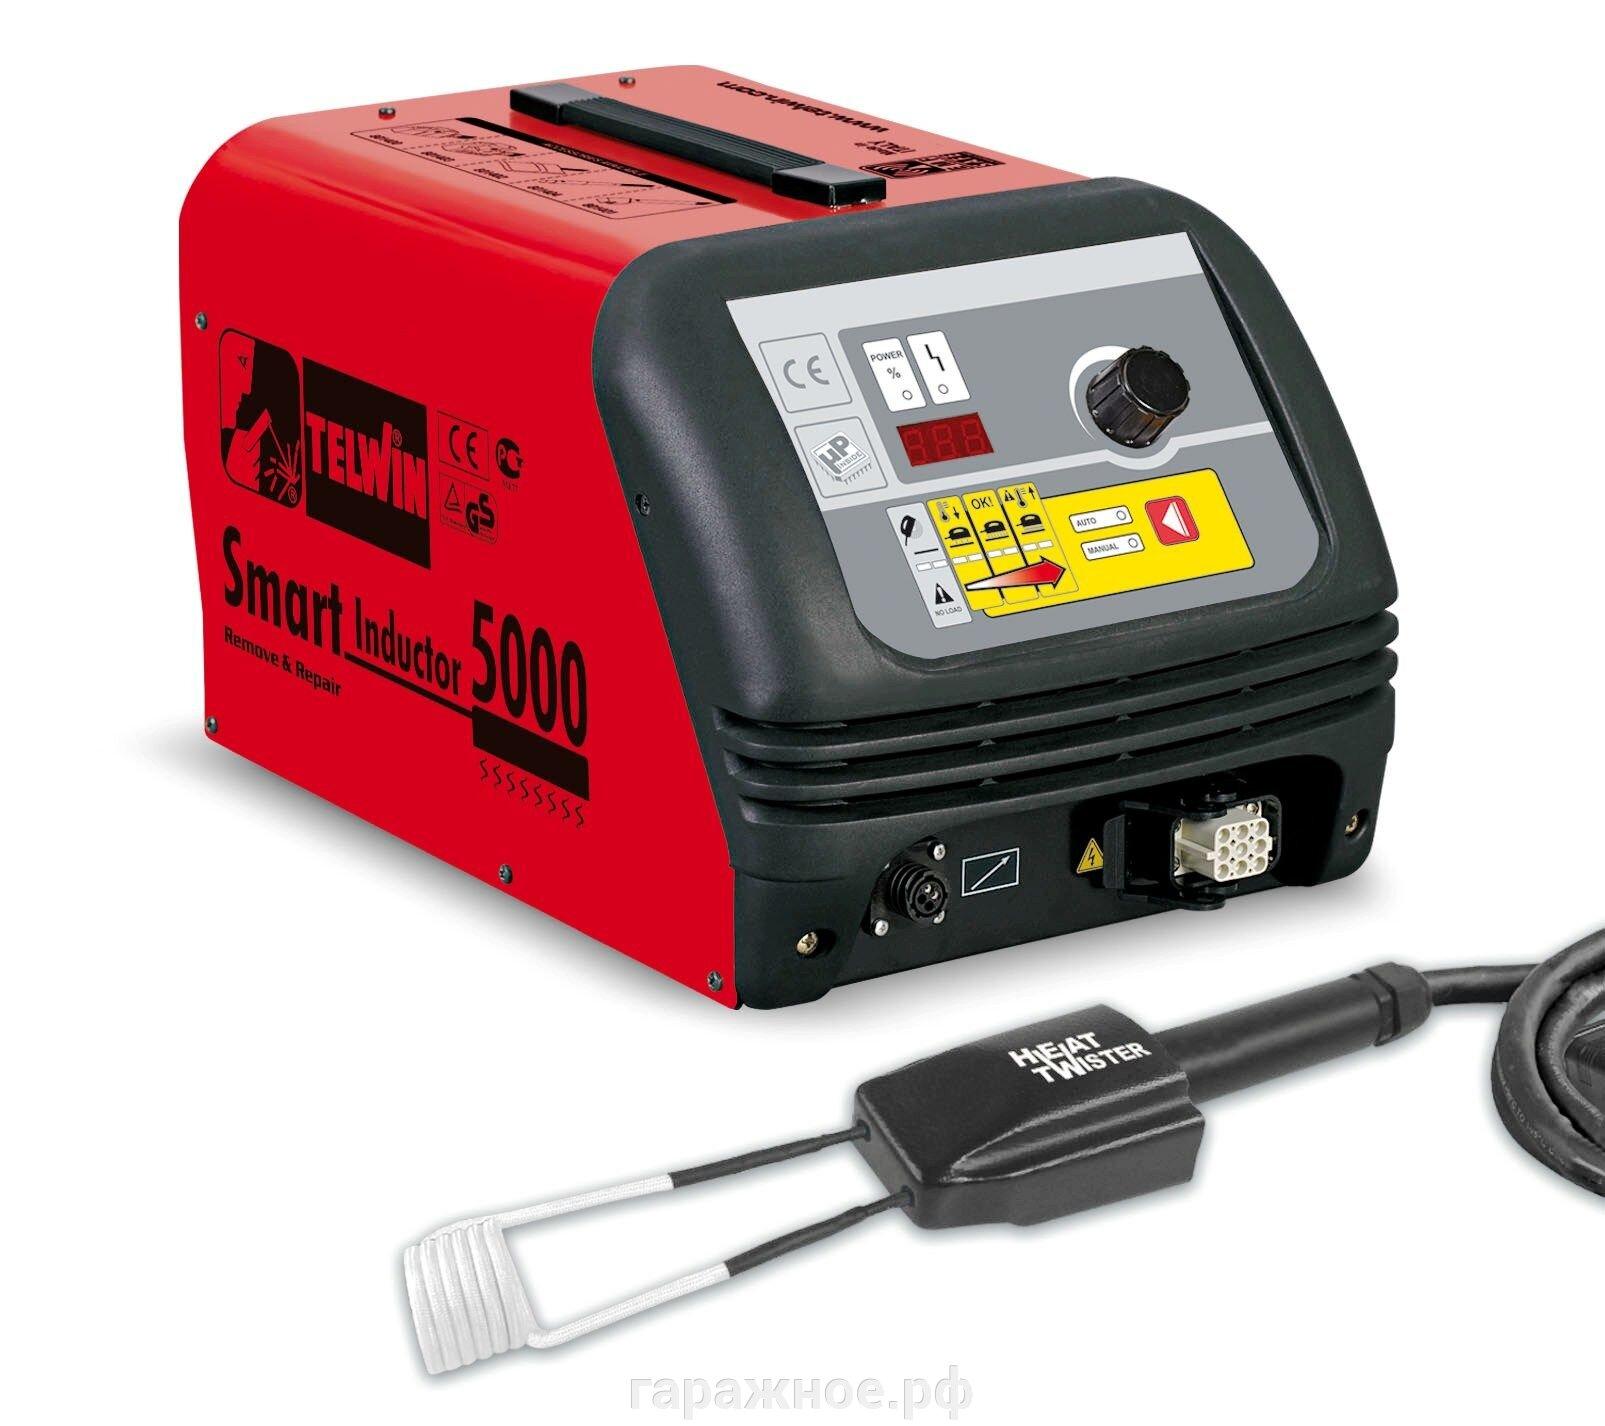 Установка индукционного нагрева Telwin Smart Inductor 5000 Twister